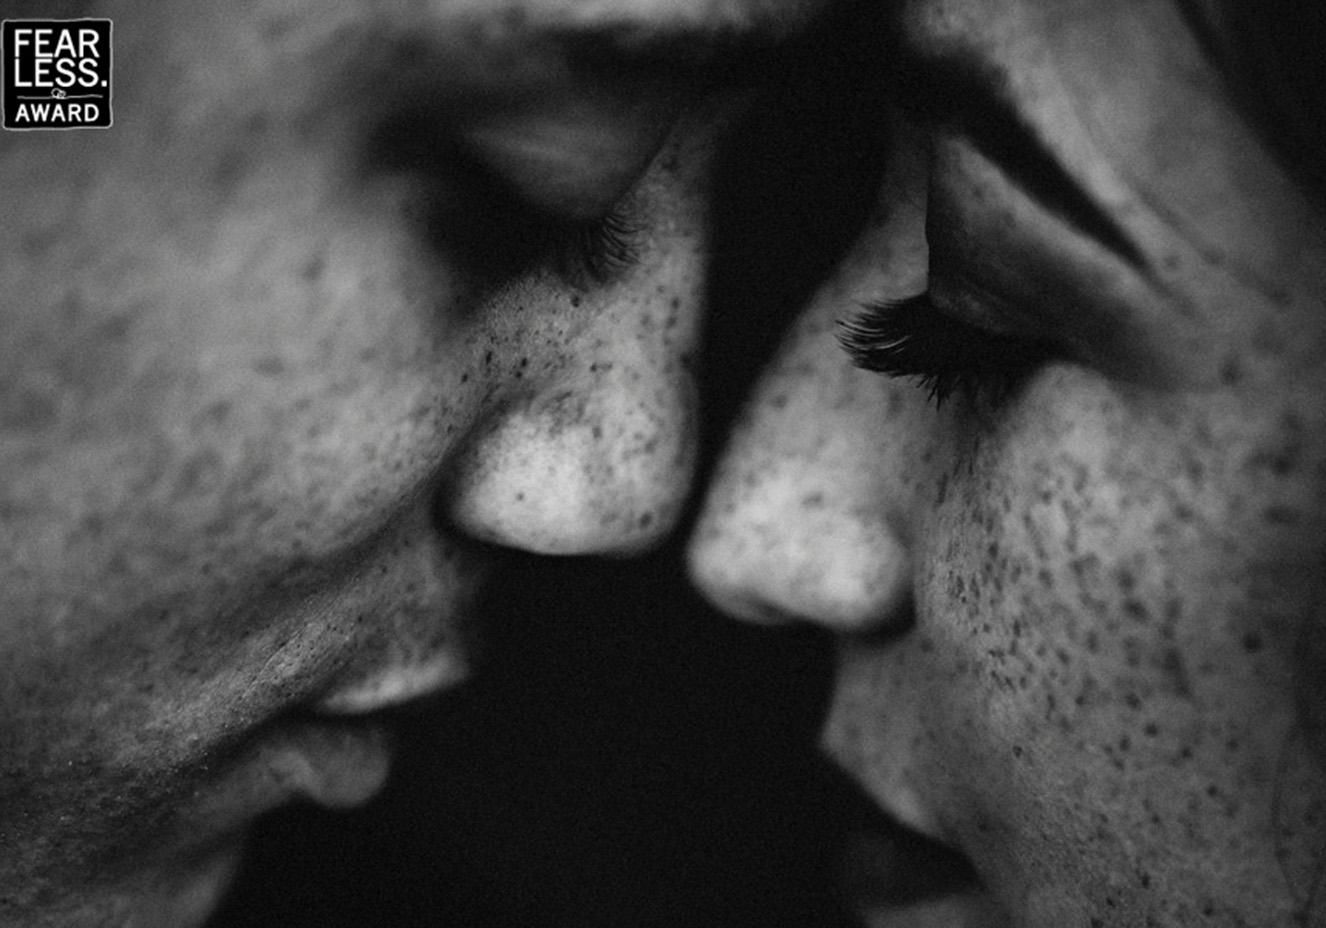 Reprodução/Fearless Photographers